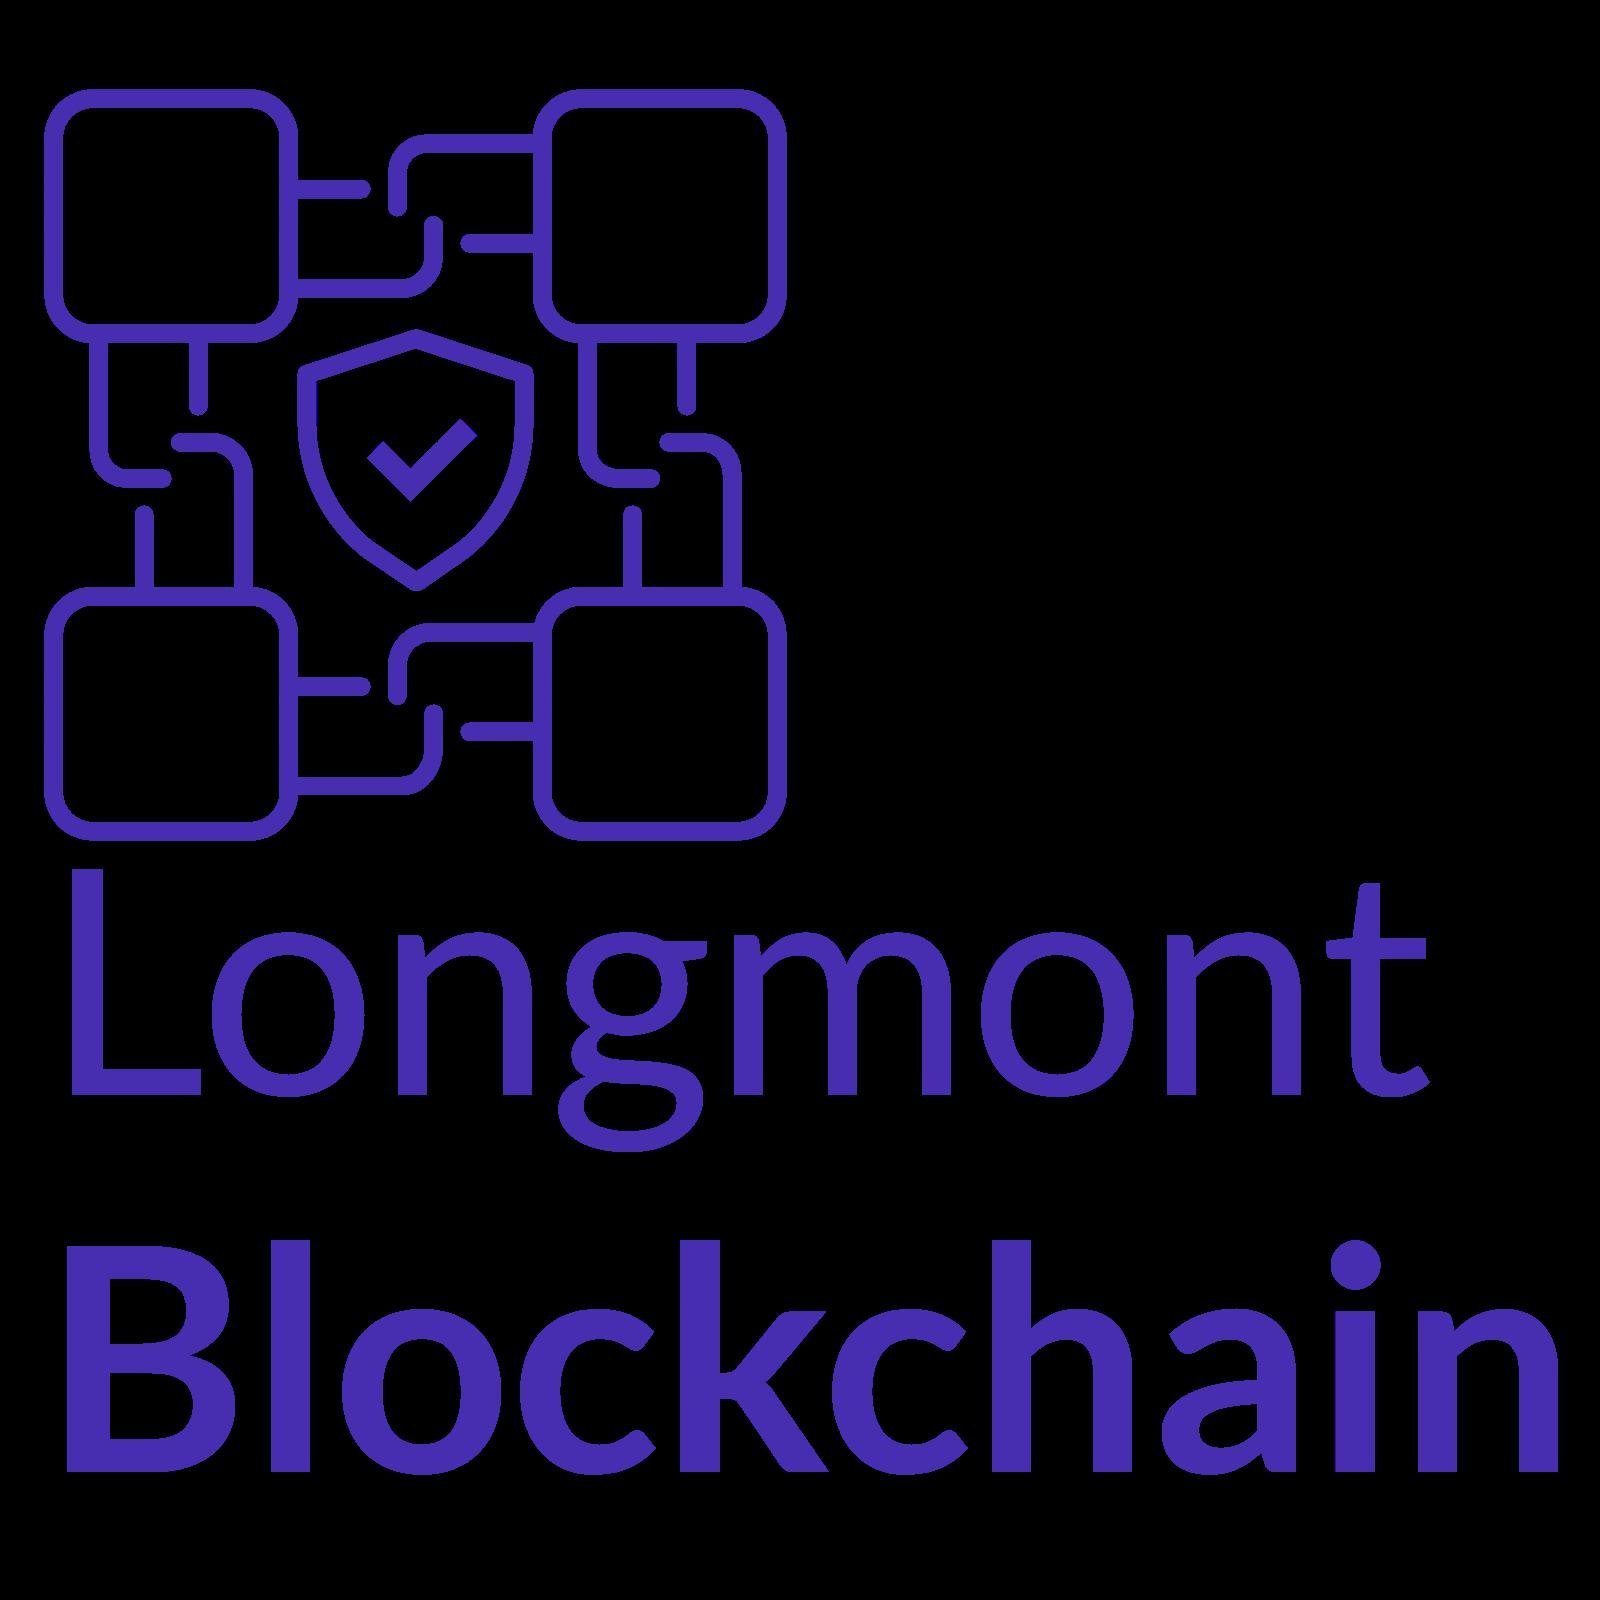 Longmont Blockchain